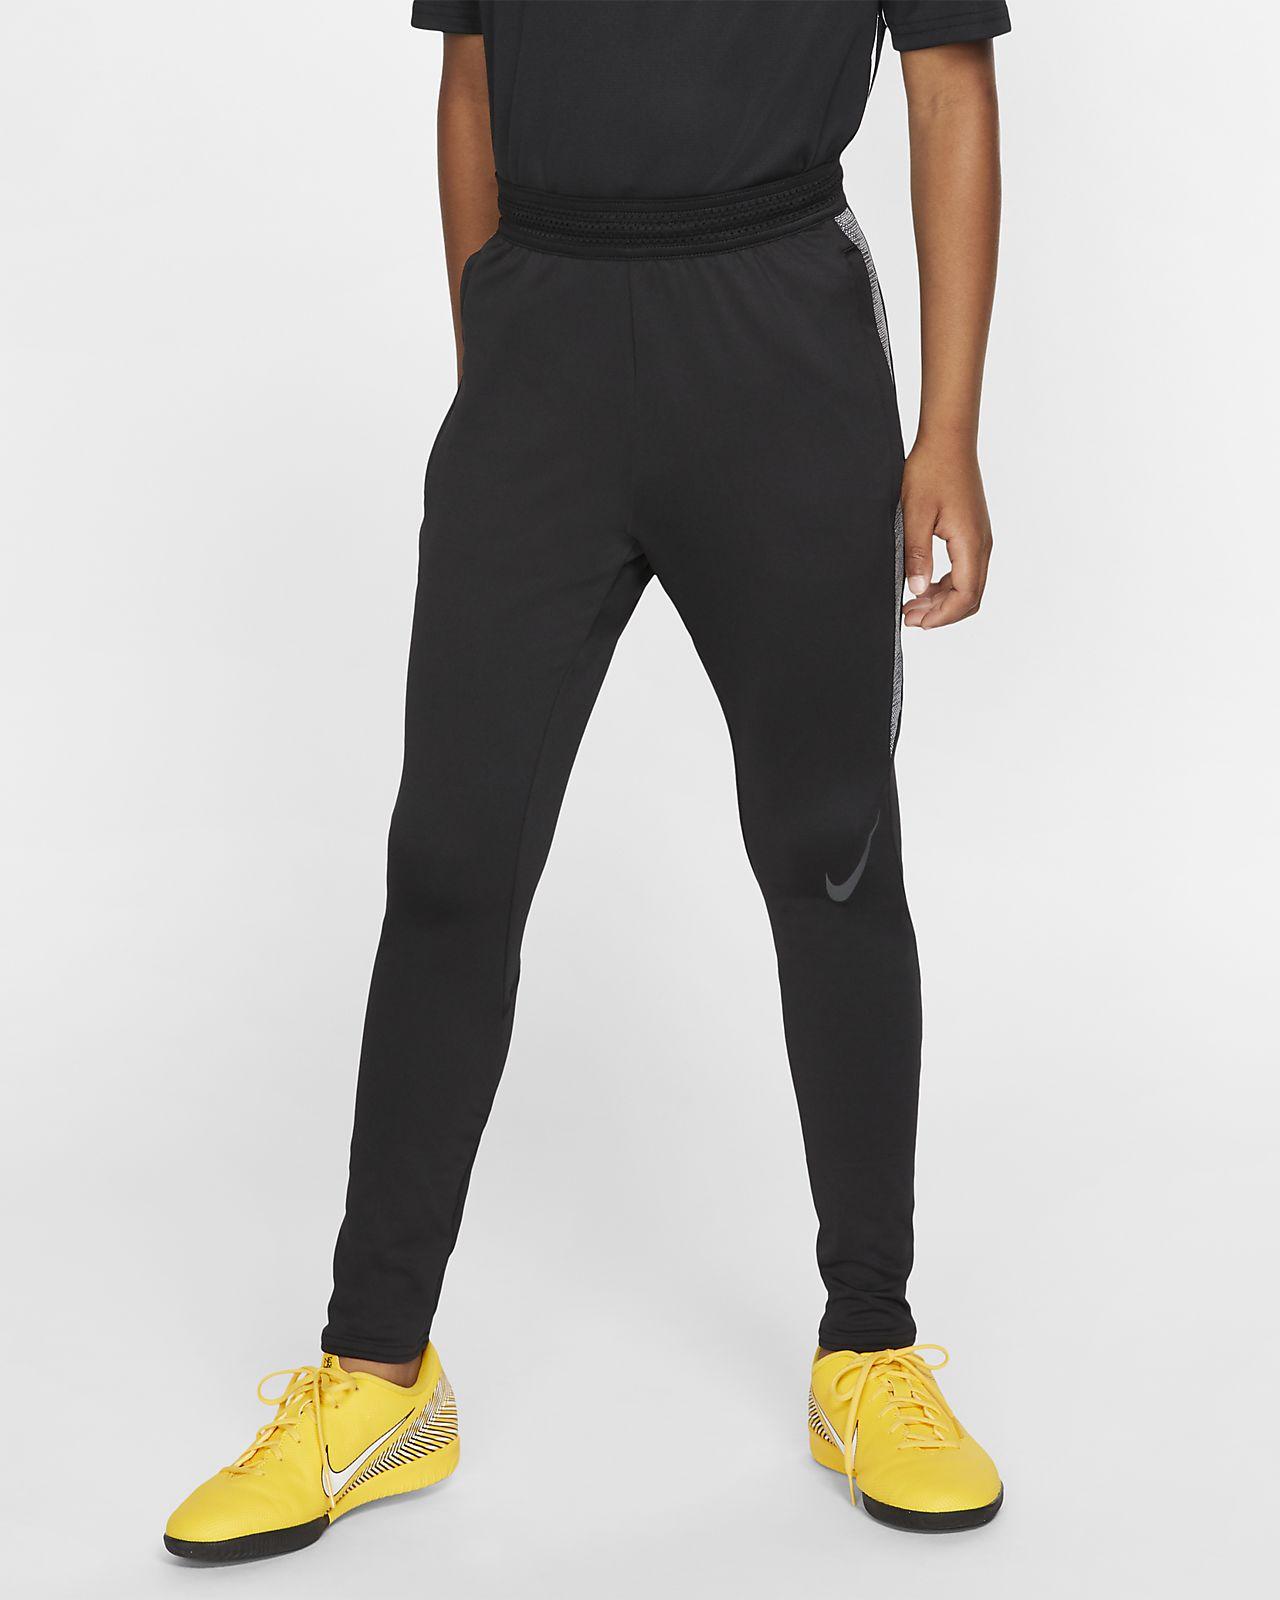 Nike Dri-FIT Strike Pantalons de futbol - Nen